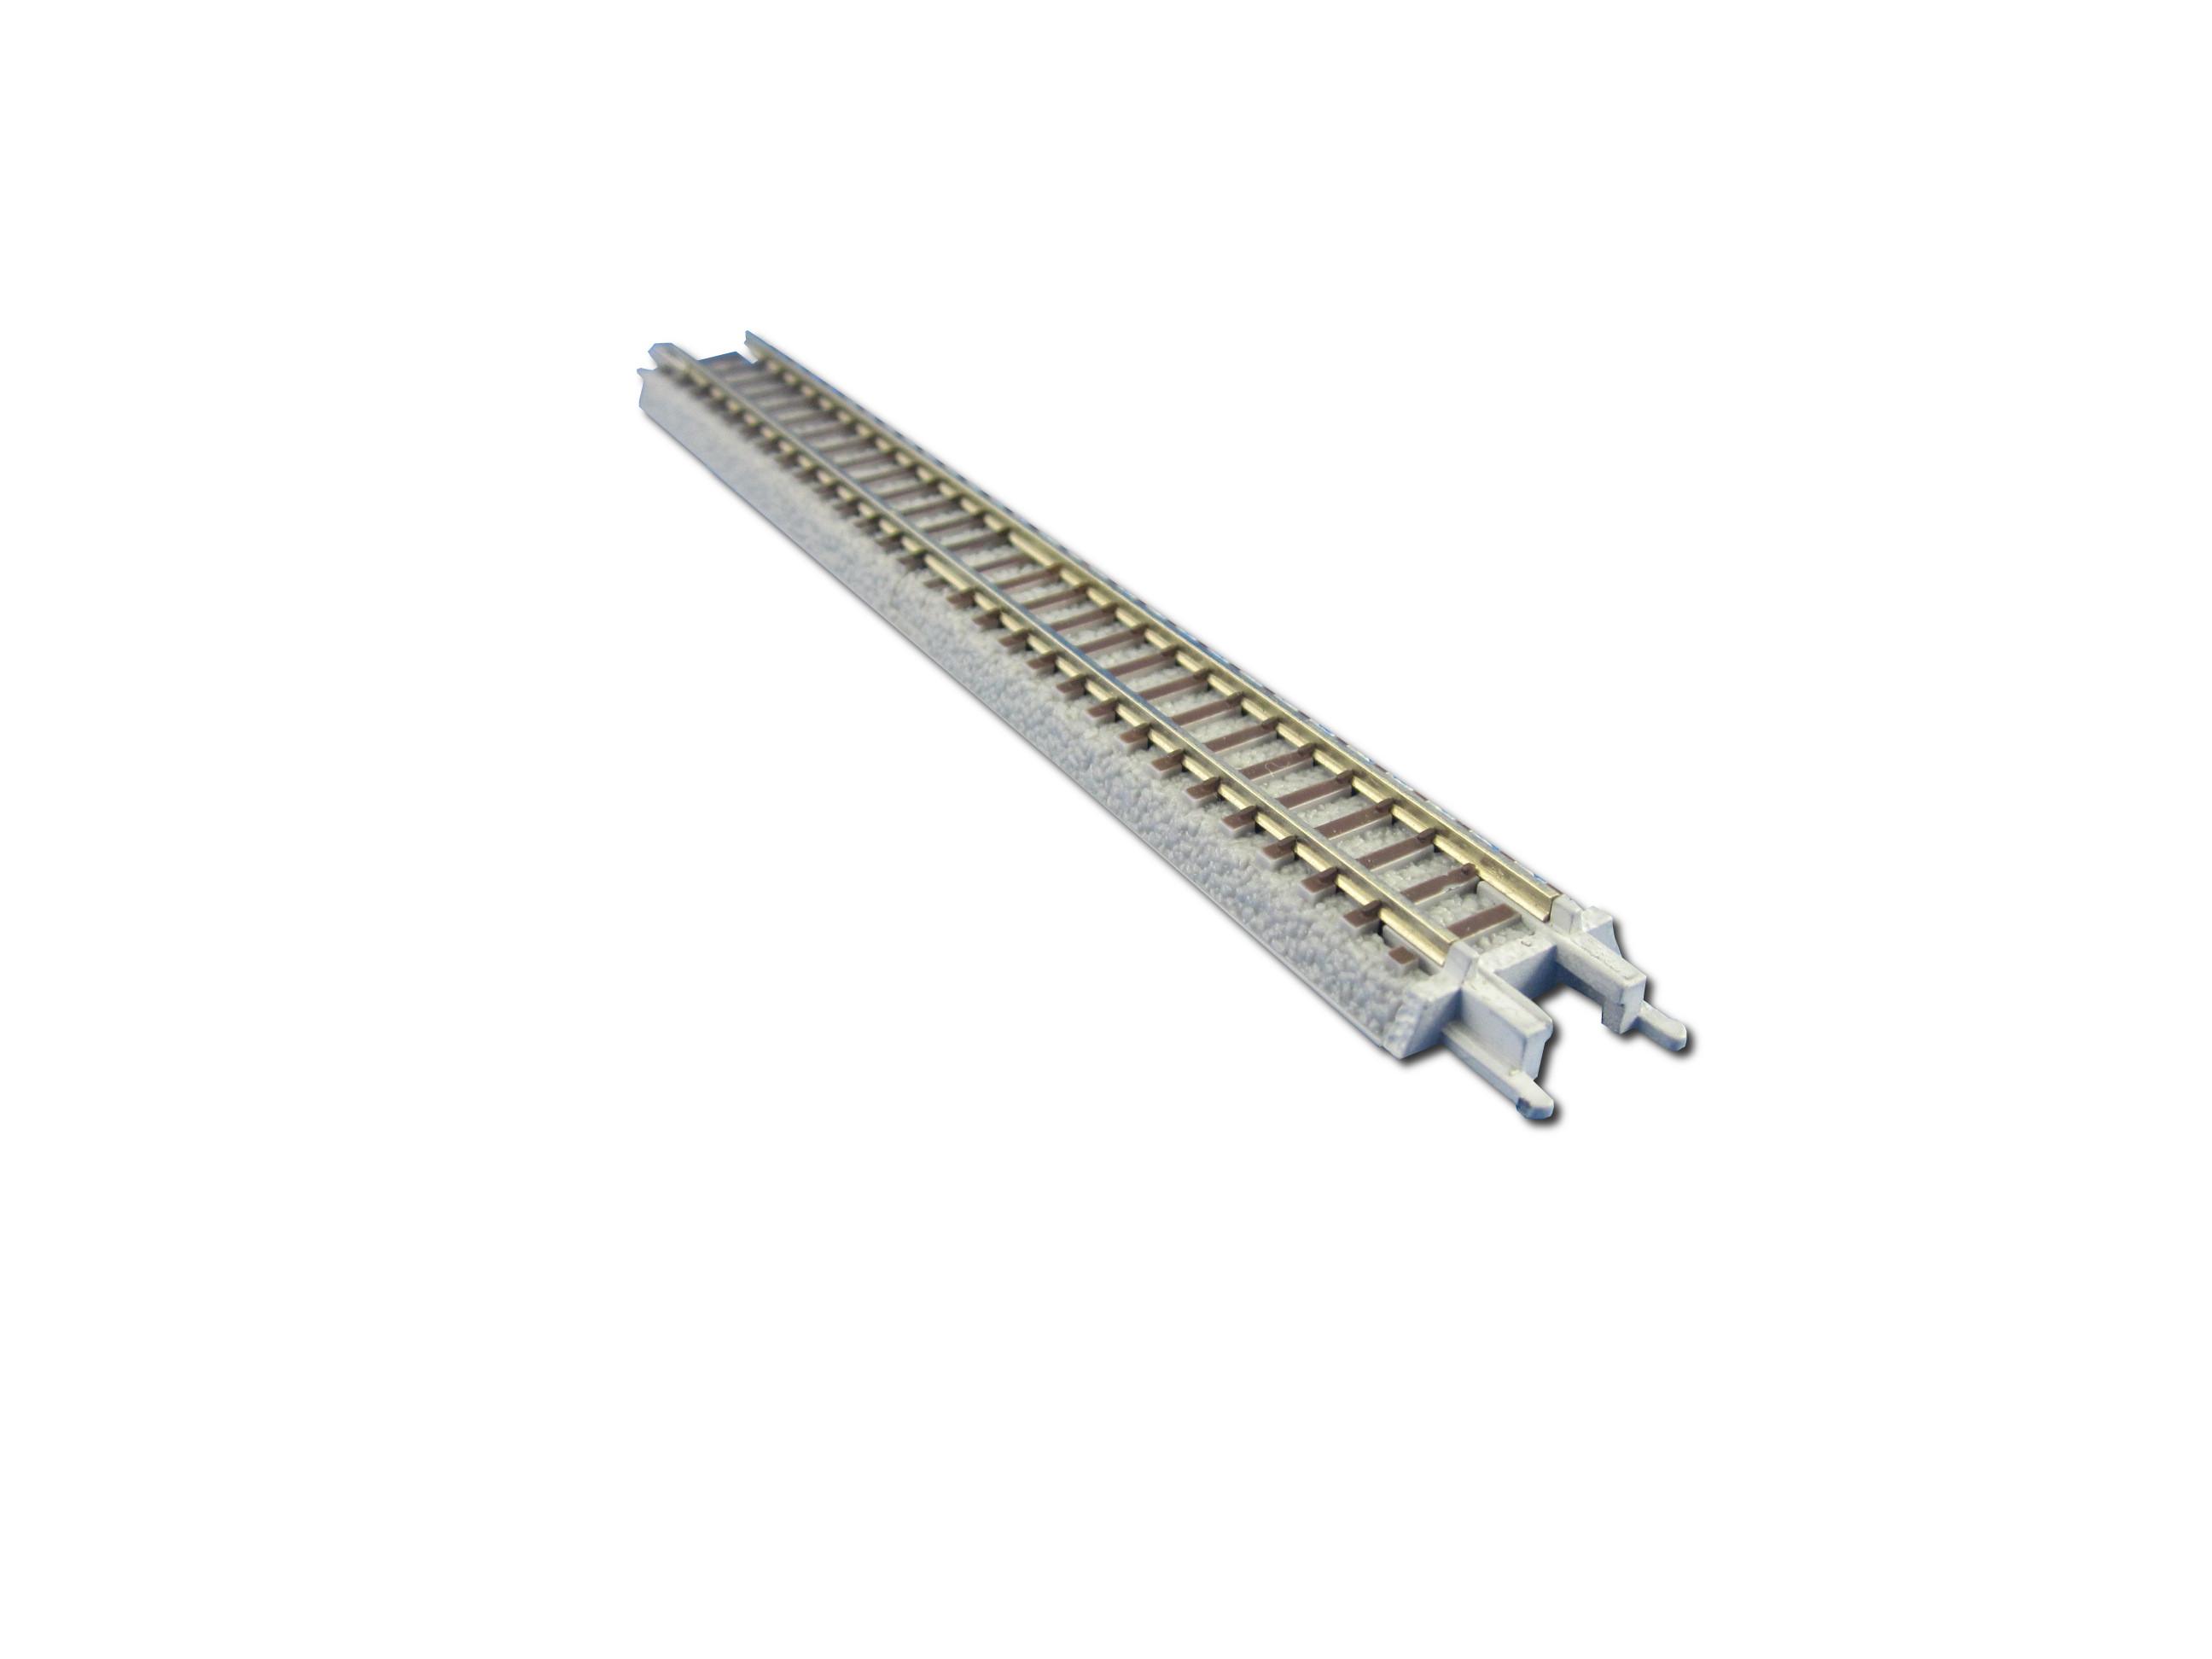 Rokuhan 7297413 <br/>Schienenverbinder, isoliert, 2 Stück 3